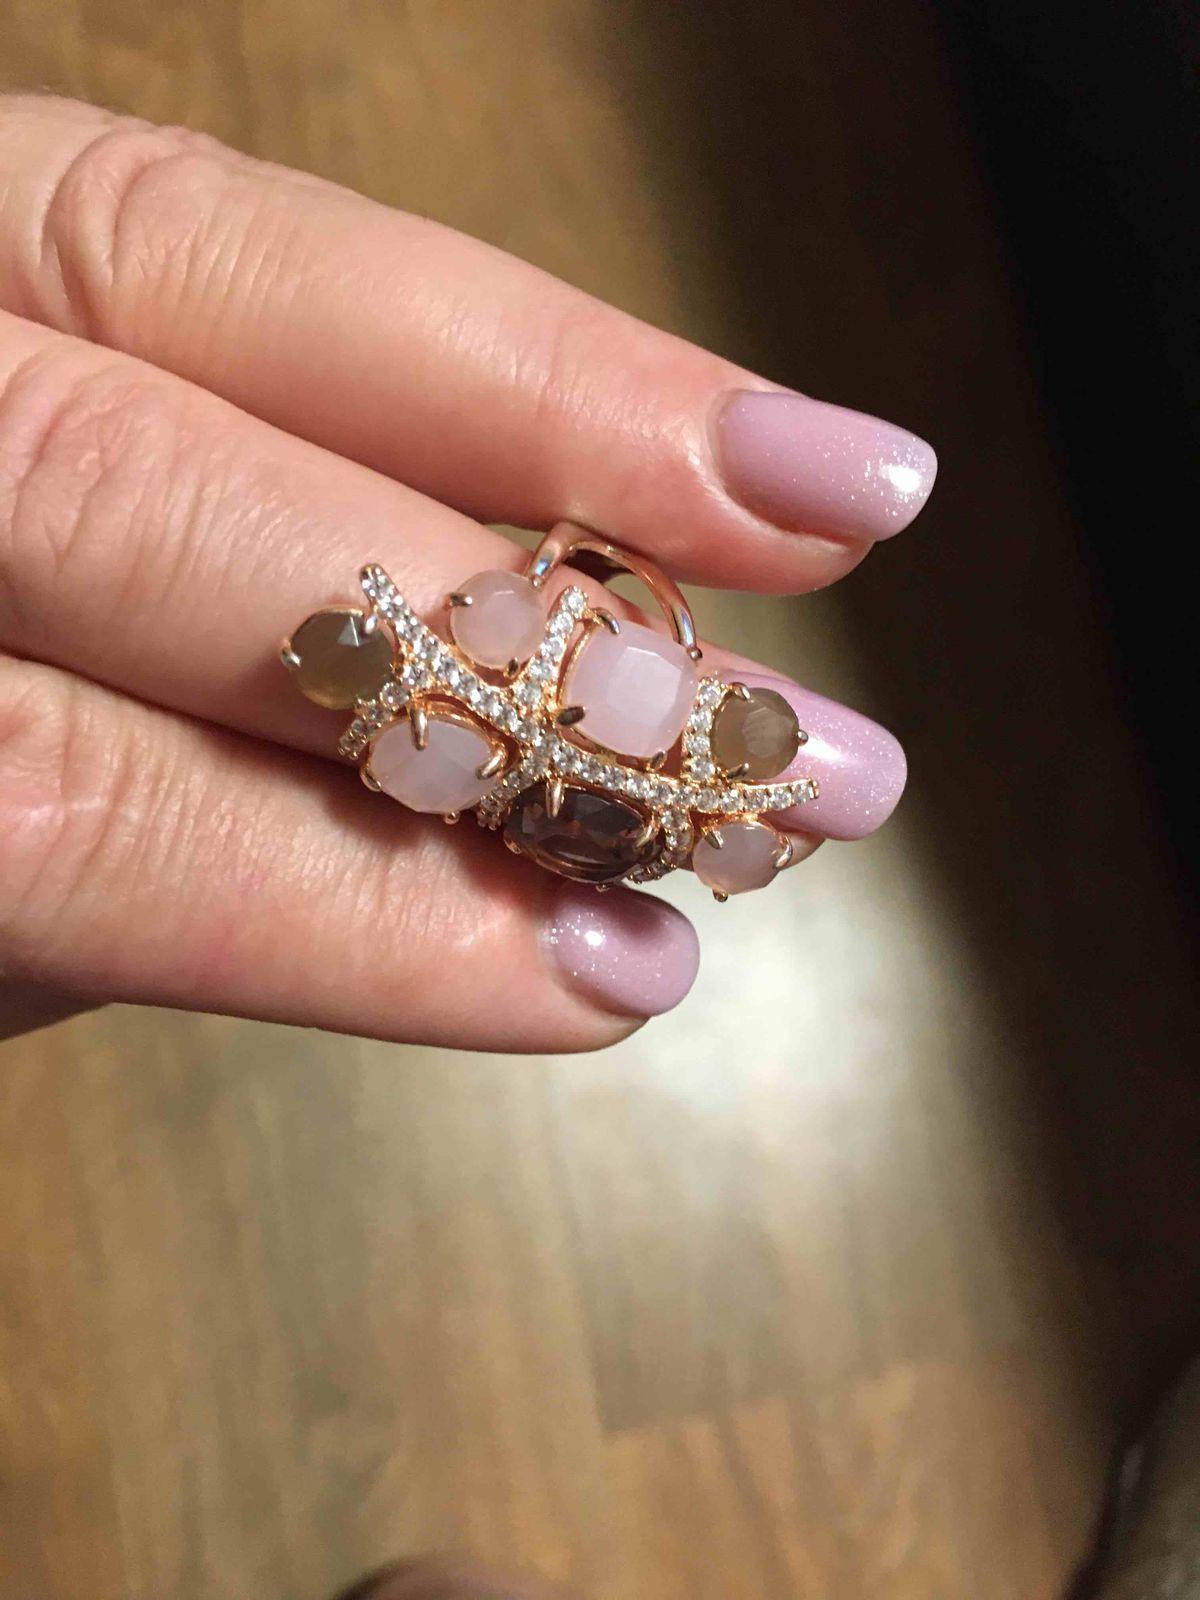 Кольцо супер , так благородно смотрится на руке, нежное сочетание цветов